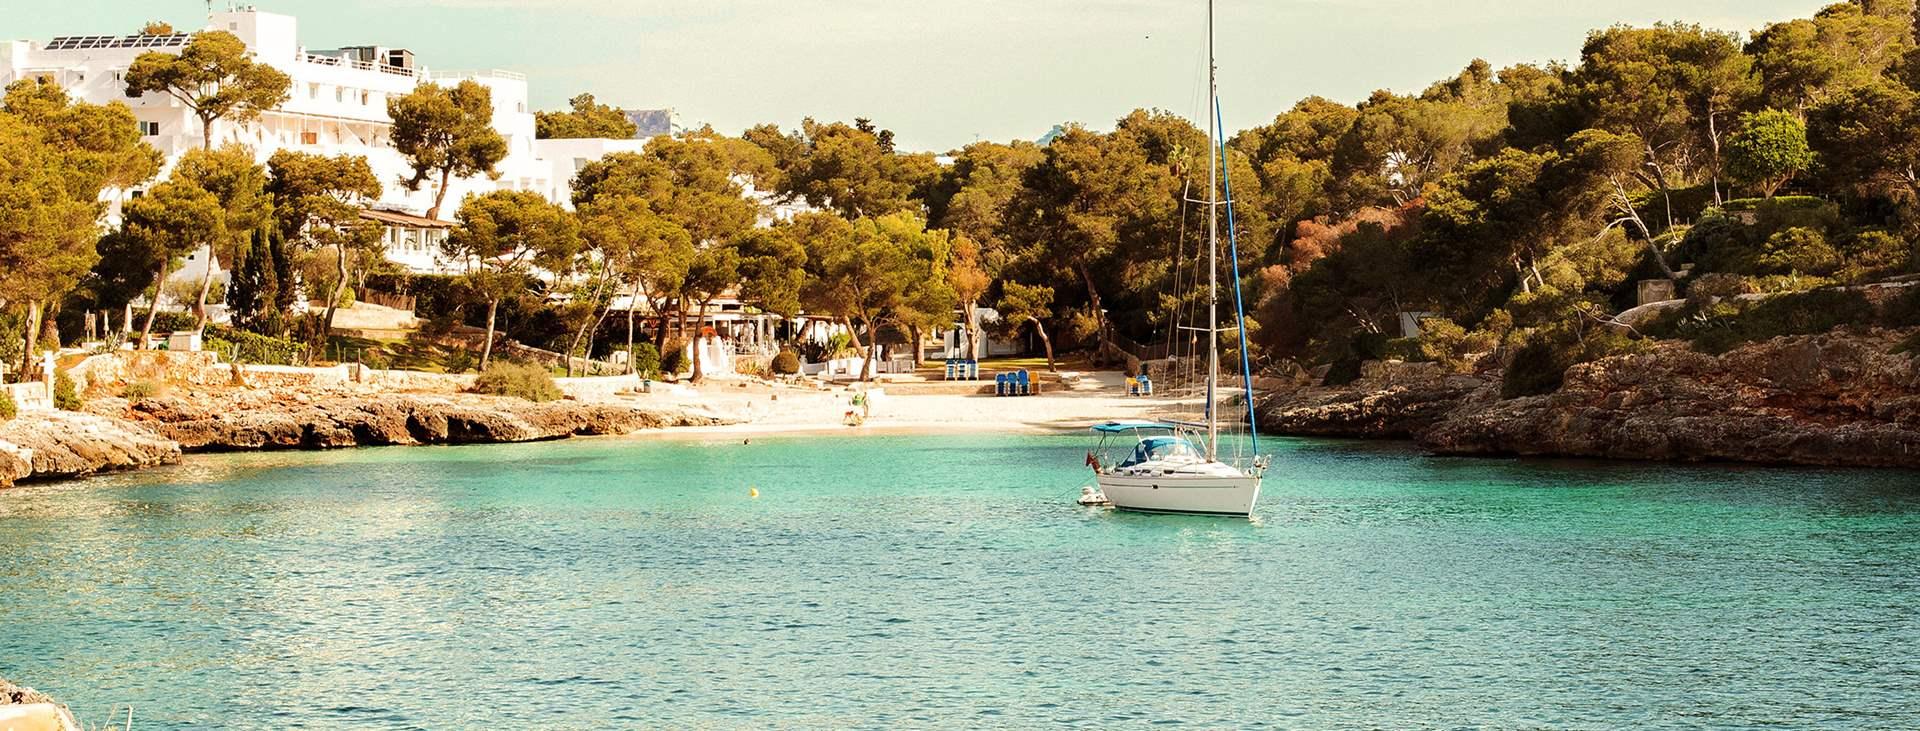 Bestill en reise til Cala d´Or på Mallorca med Ving